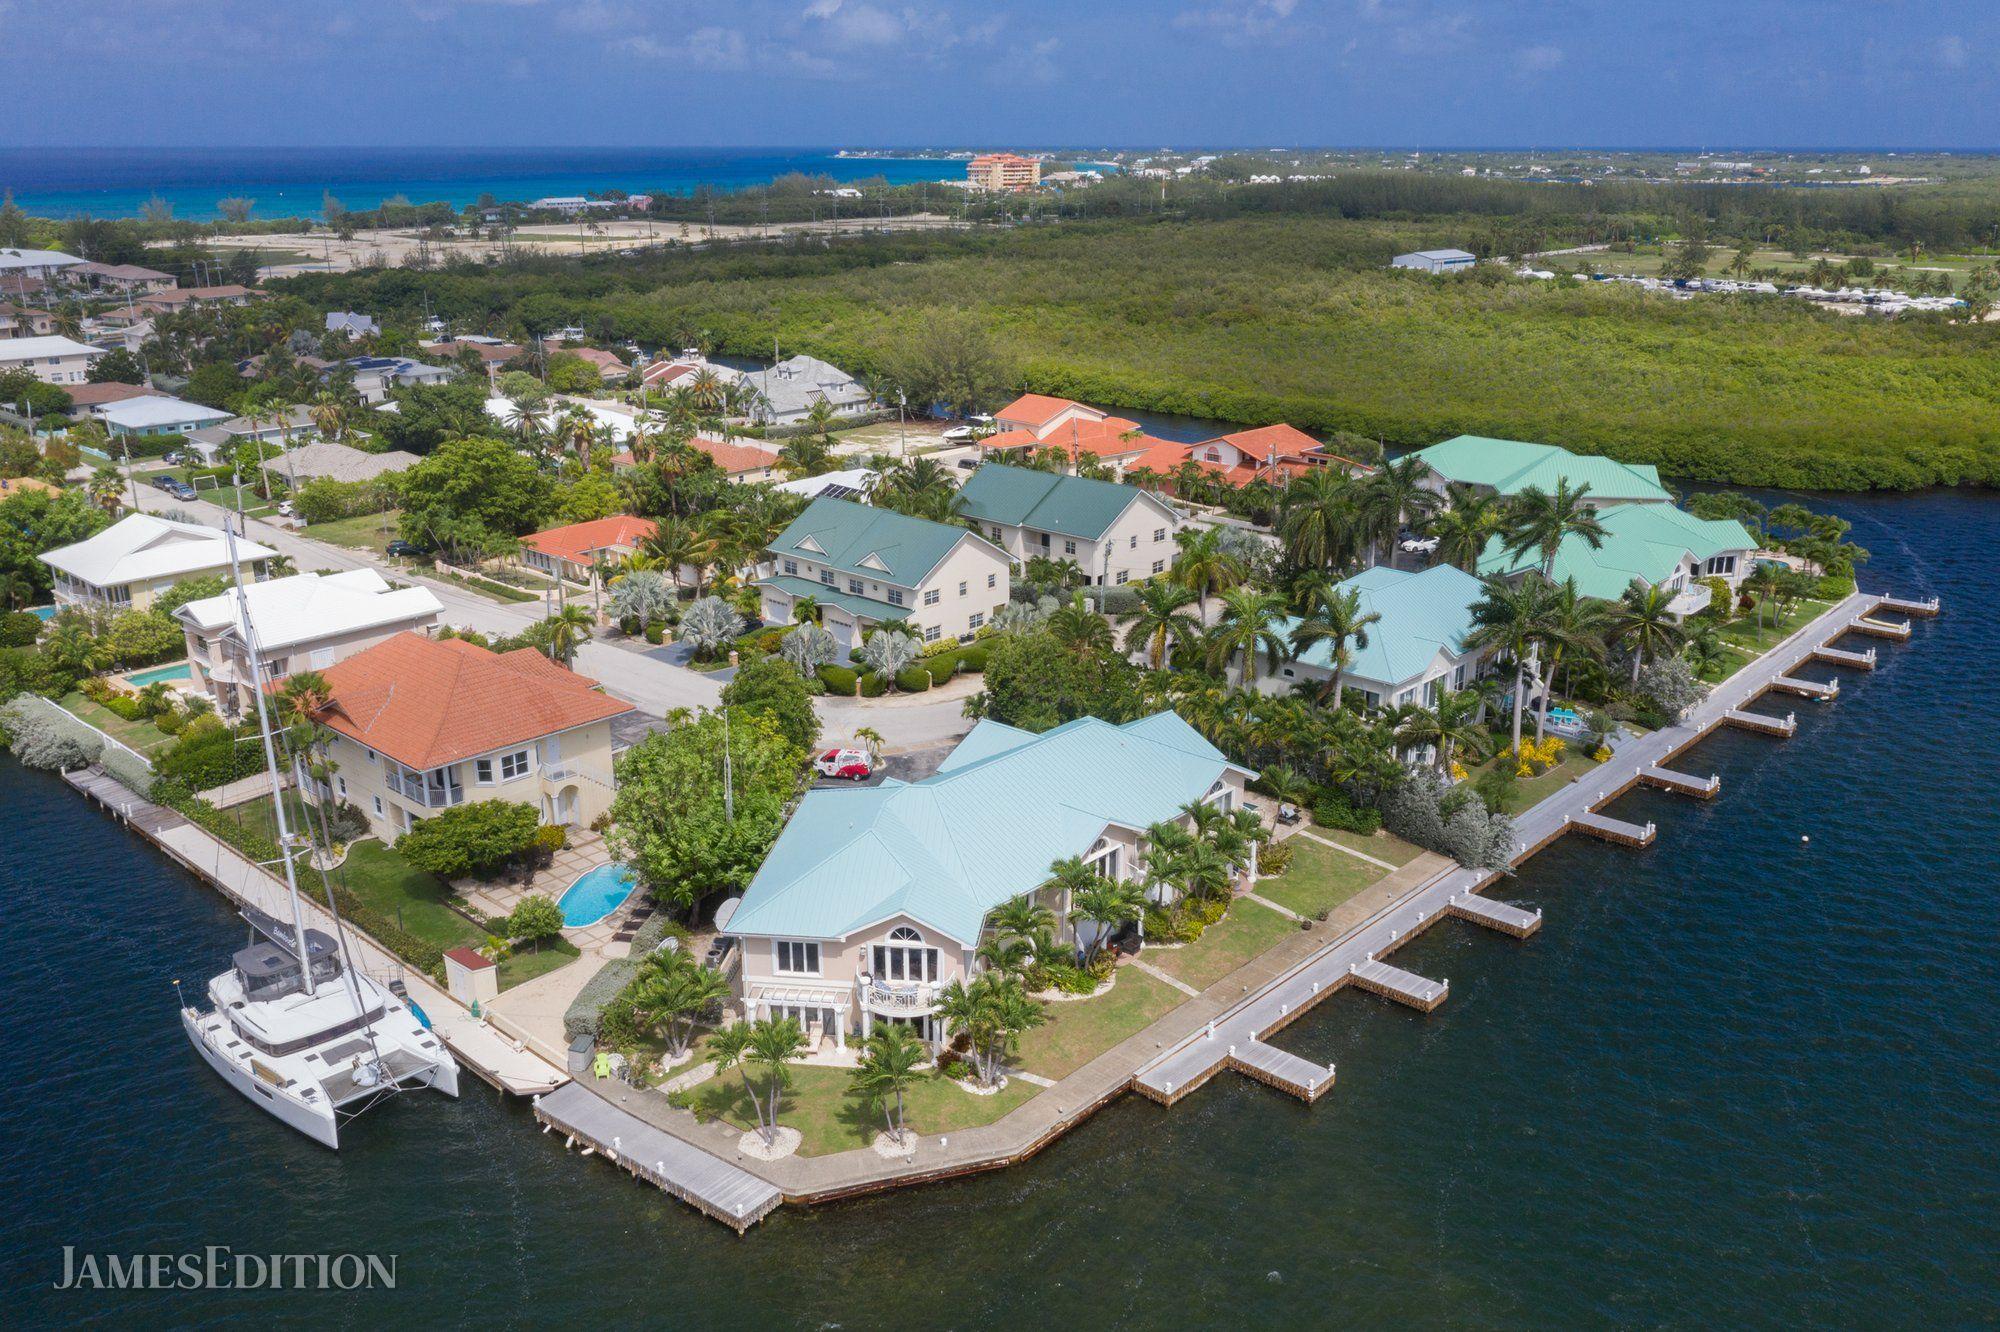 Condo in West Bay, Cayman Islands 1